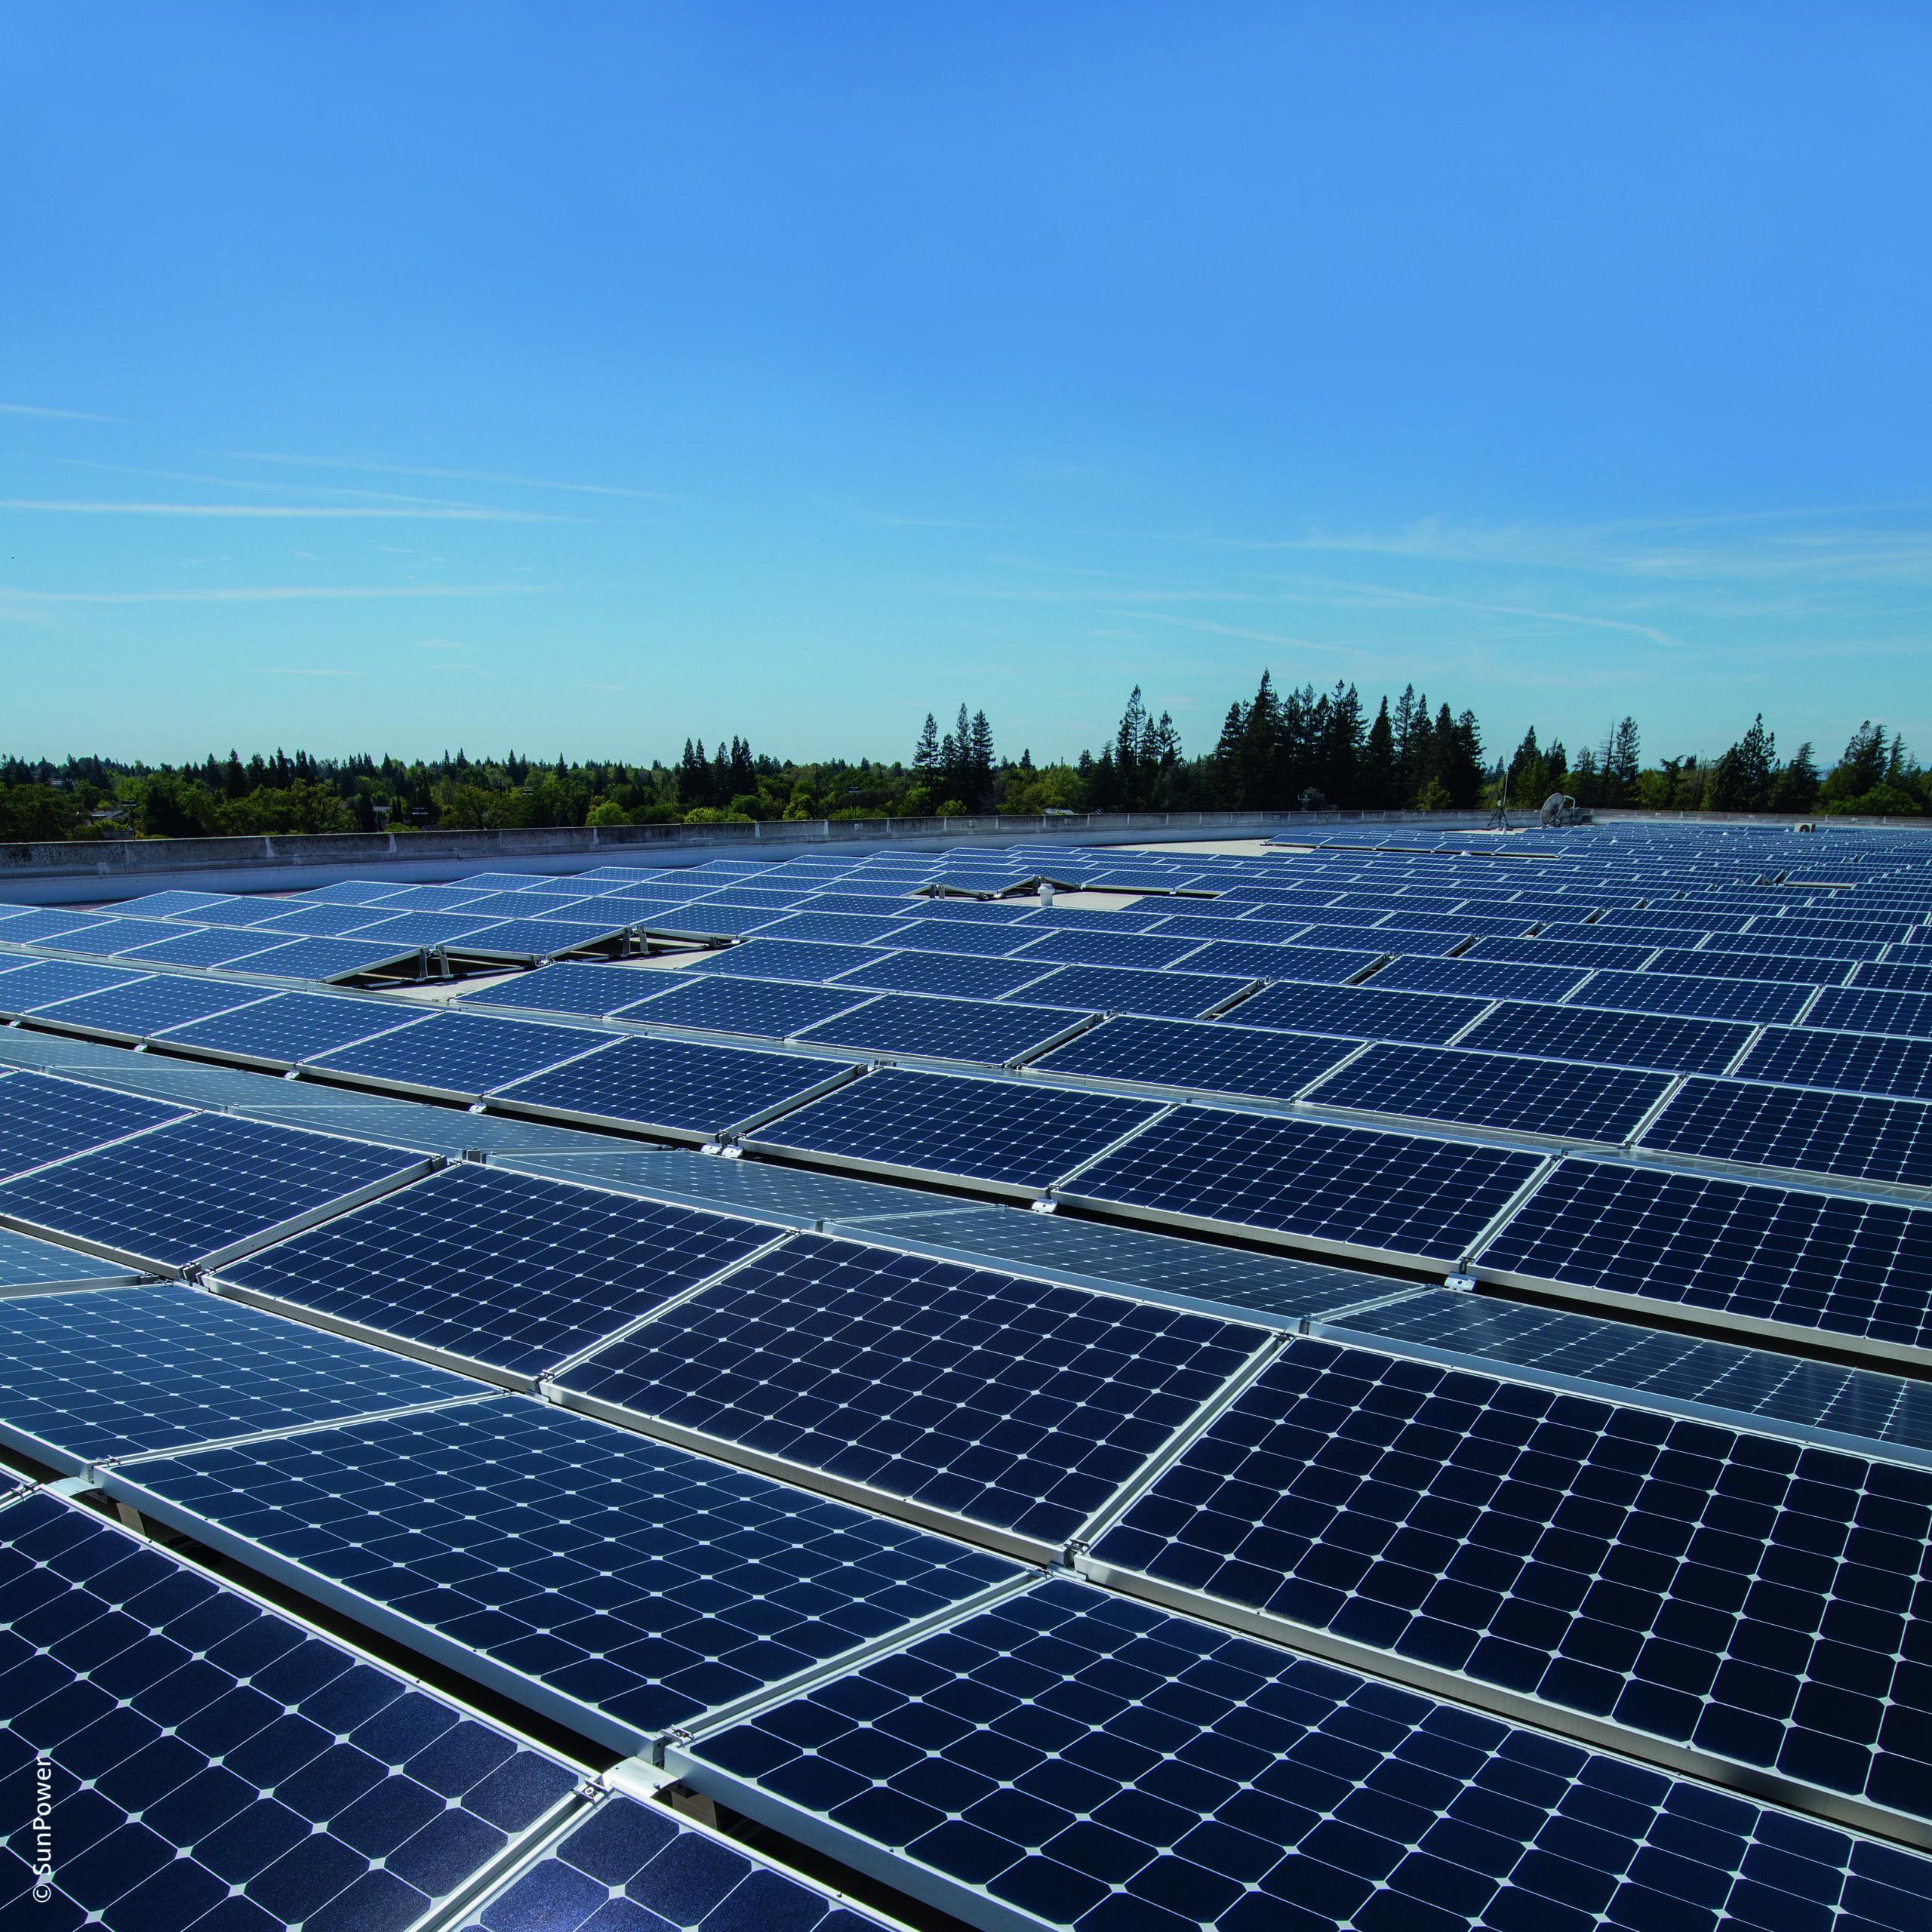 Fotovoltaico utility scale: crescita a doppia cifra nel 2019